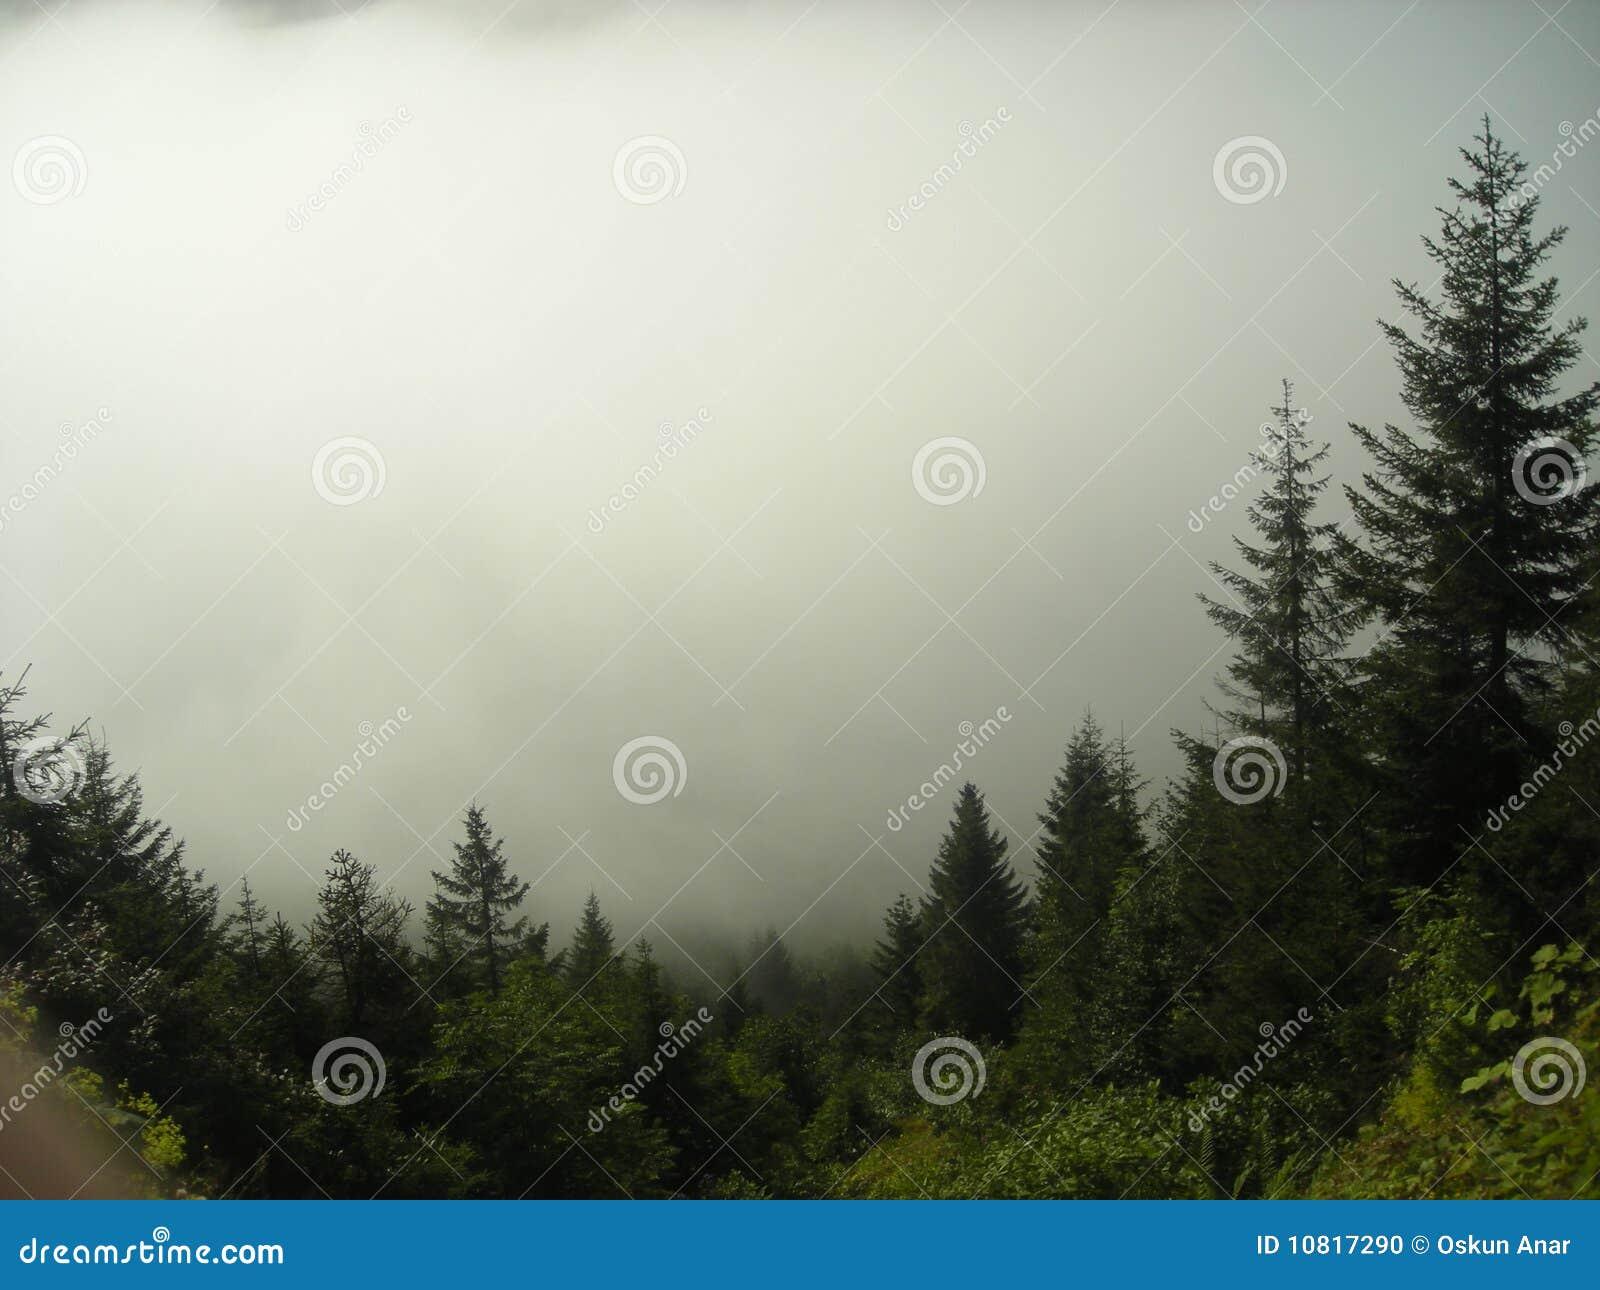 Kackar гора